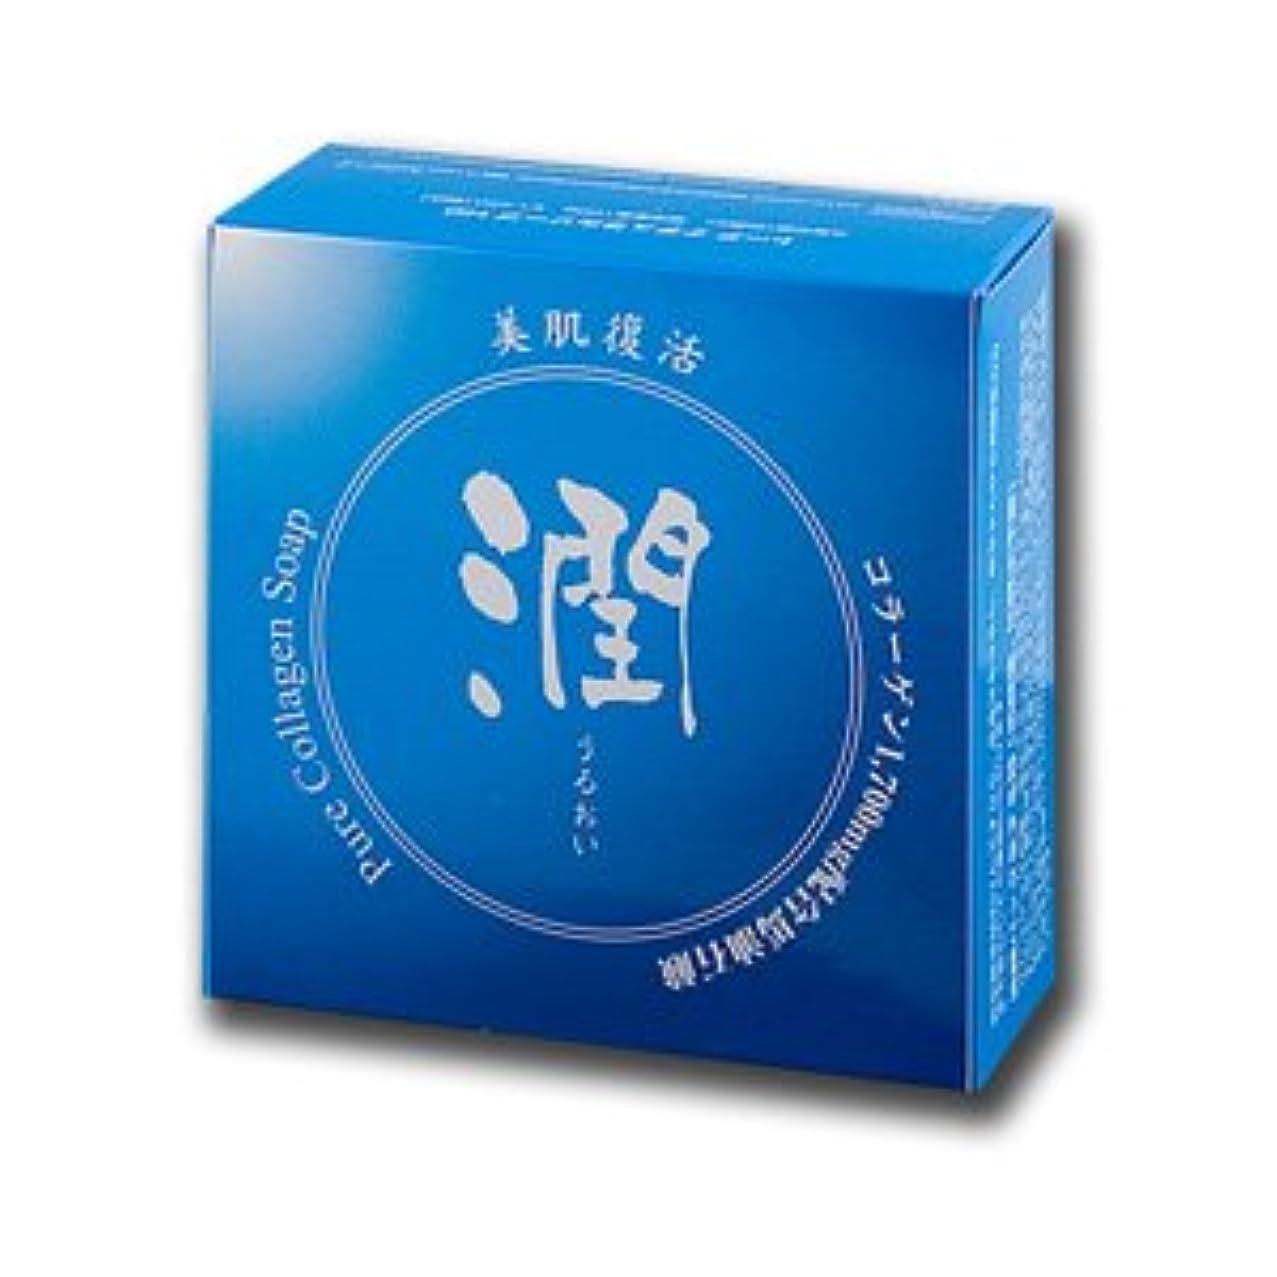 トランクリズムカビコラーゲン馬油石鹸 潤 100g (#800410) ×10個セット